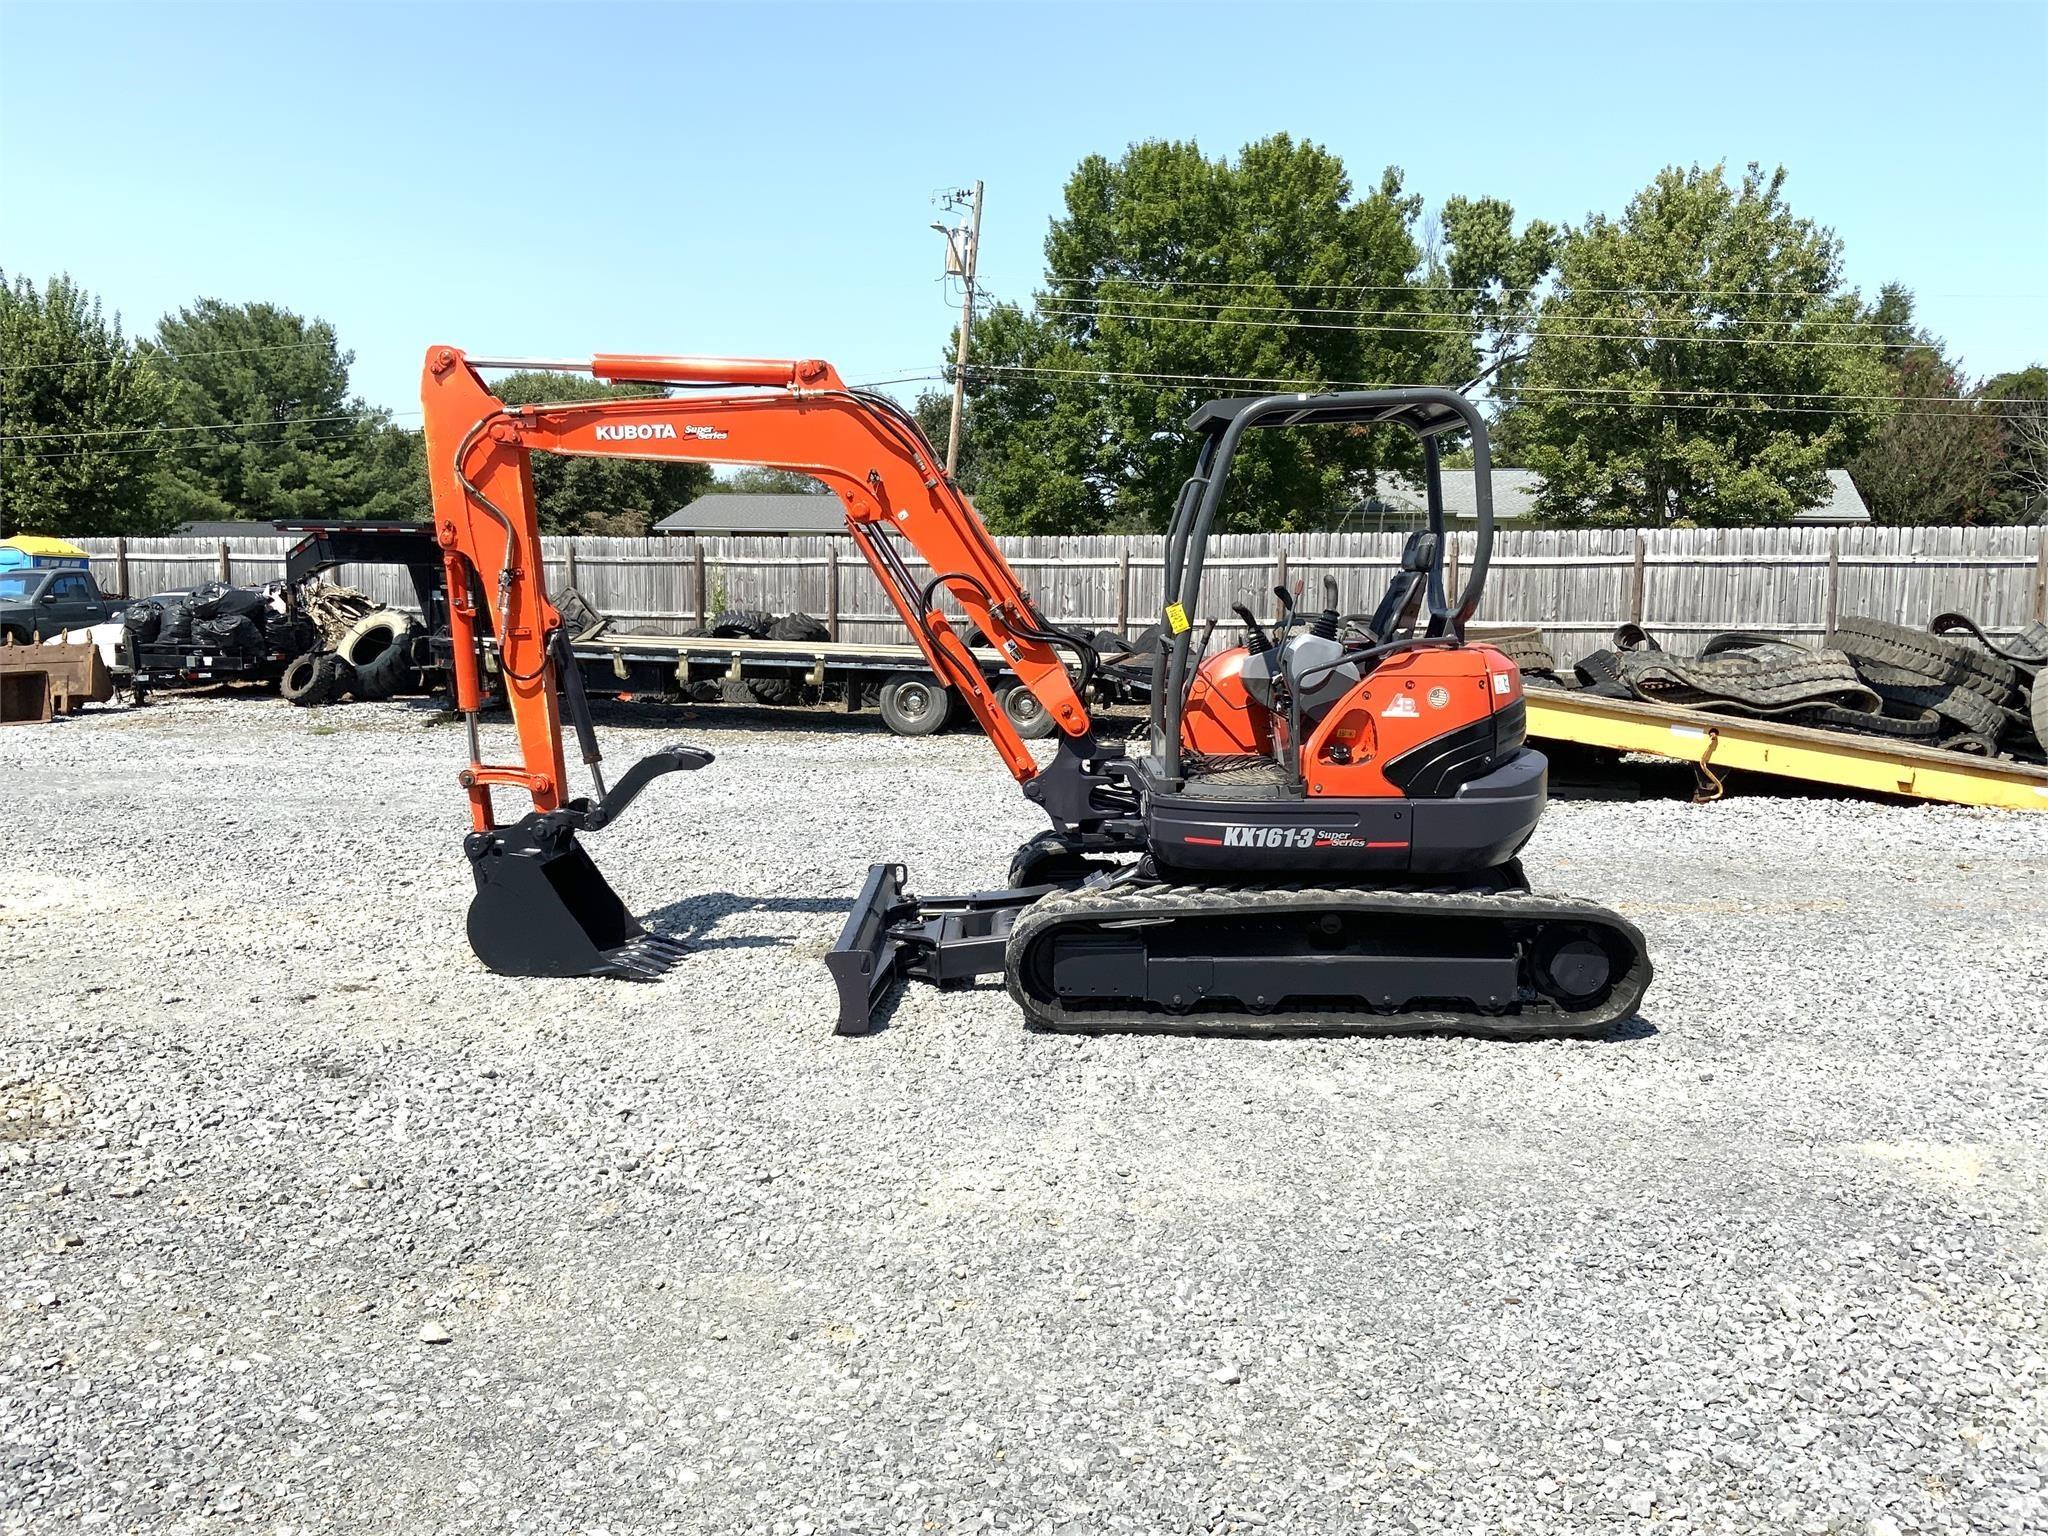 2010 Kubota KX161-3 Excavators and Mini Excavator